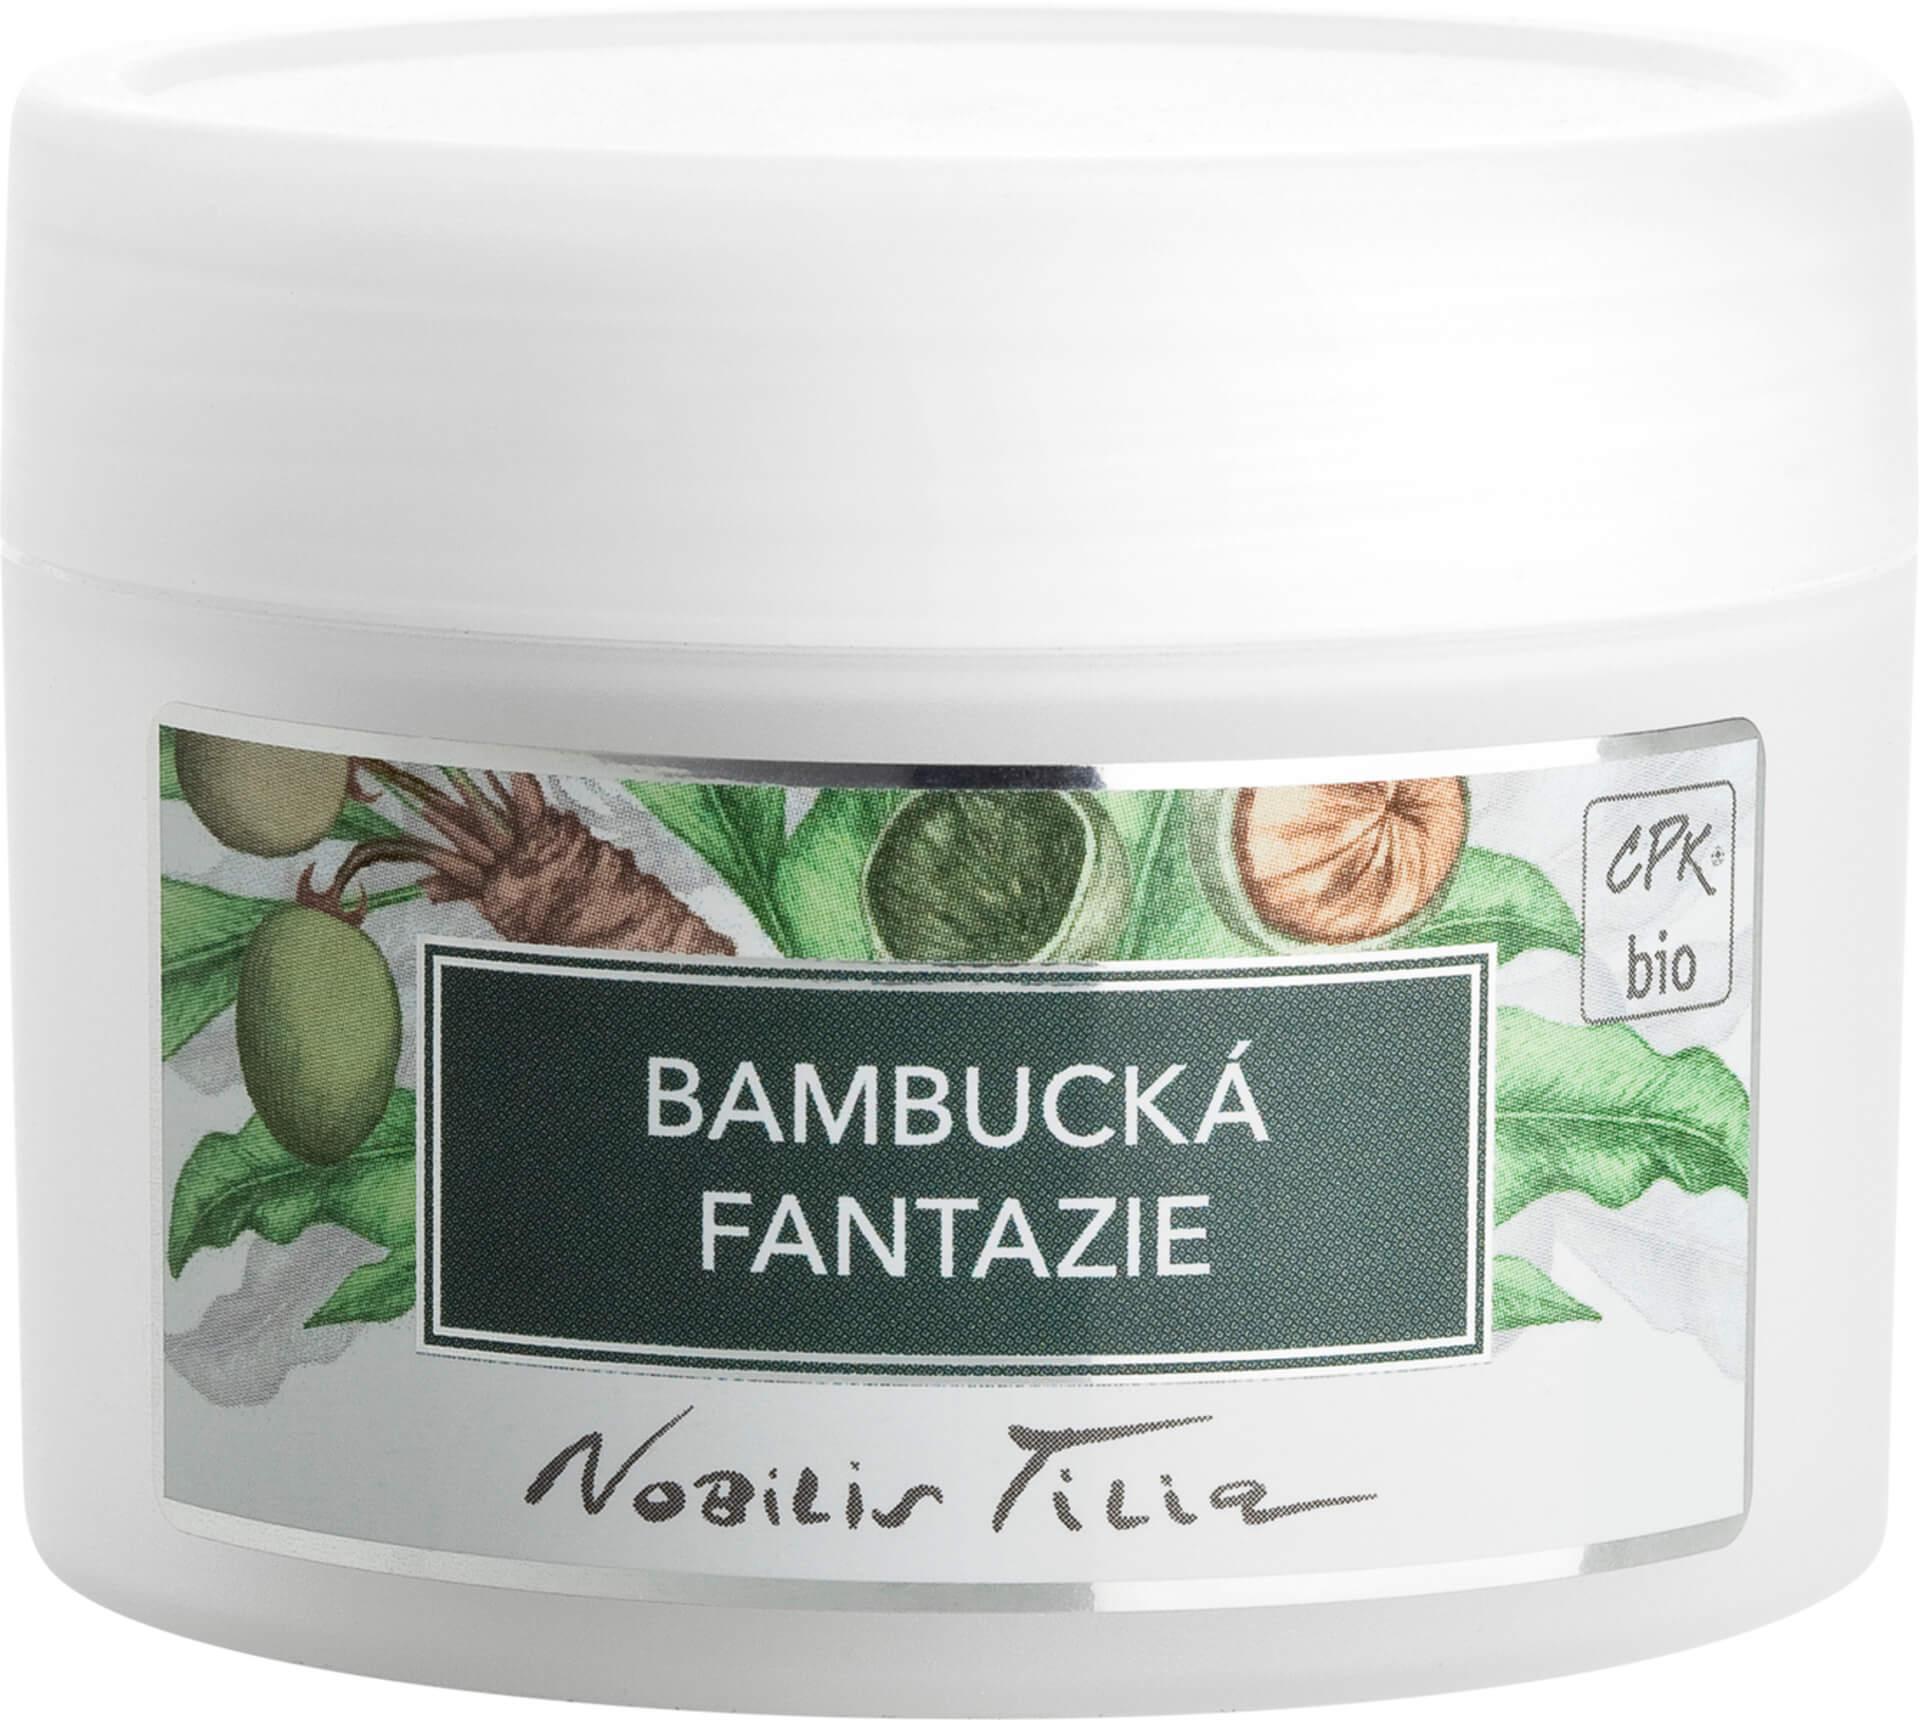 Nobilis Tilia Bambucké fantázie 100 ml